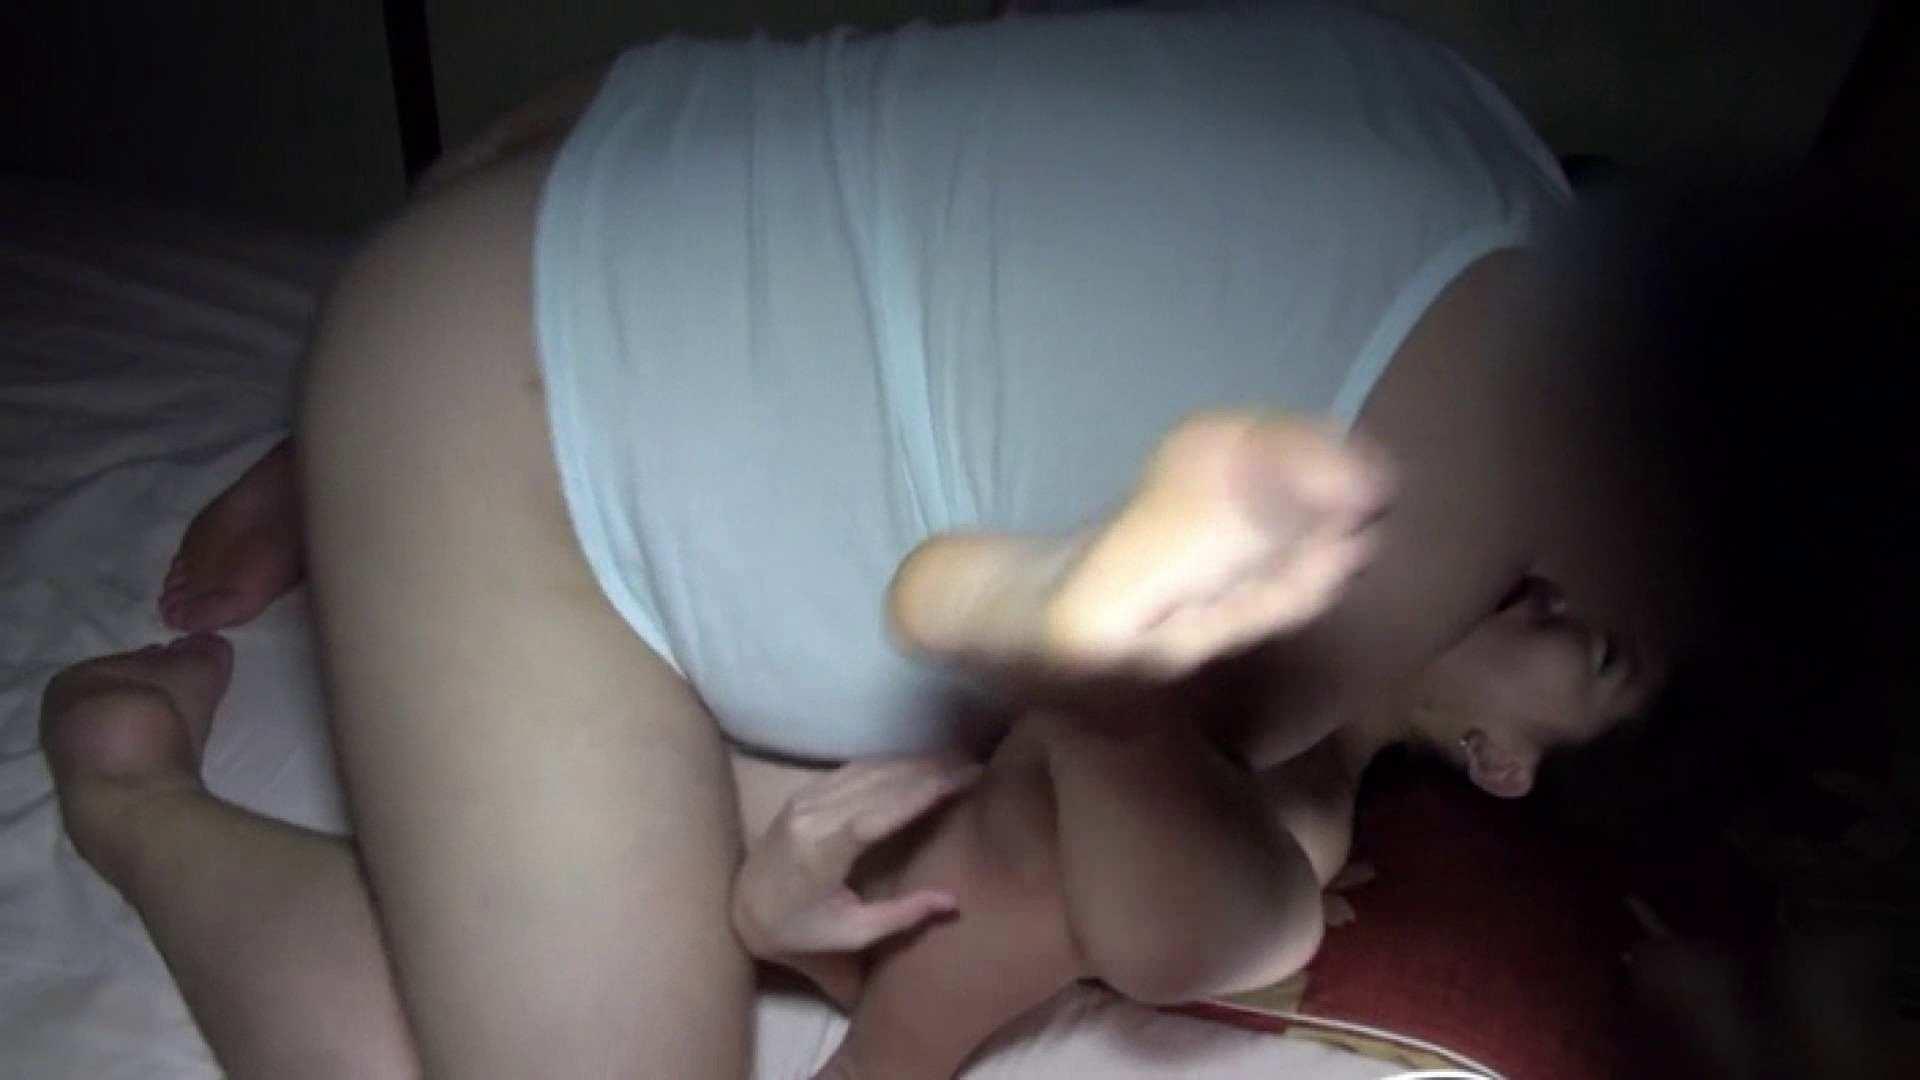 おしえてギャル子のH塾 Vol.04 後編 OL   ギャル・コレクション  44連発 14